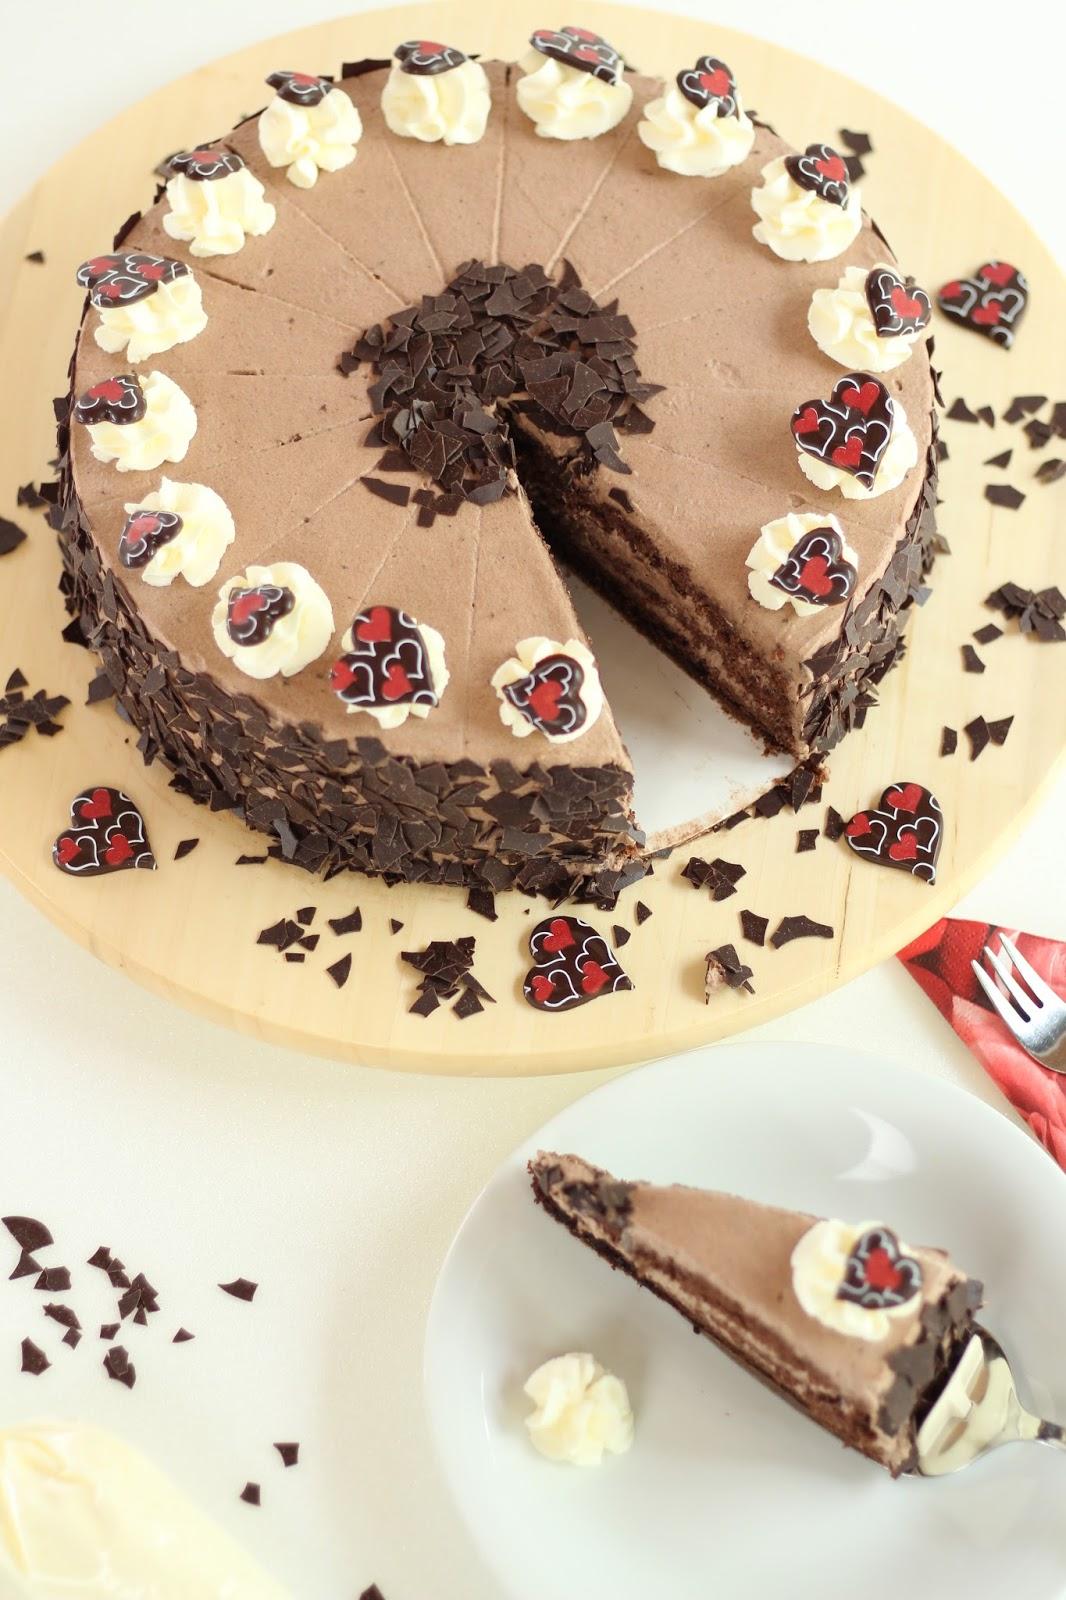 Wie wäre es mit einer leckeren Schoko-Sahne-Torte zum Geburtstag?